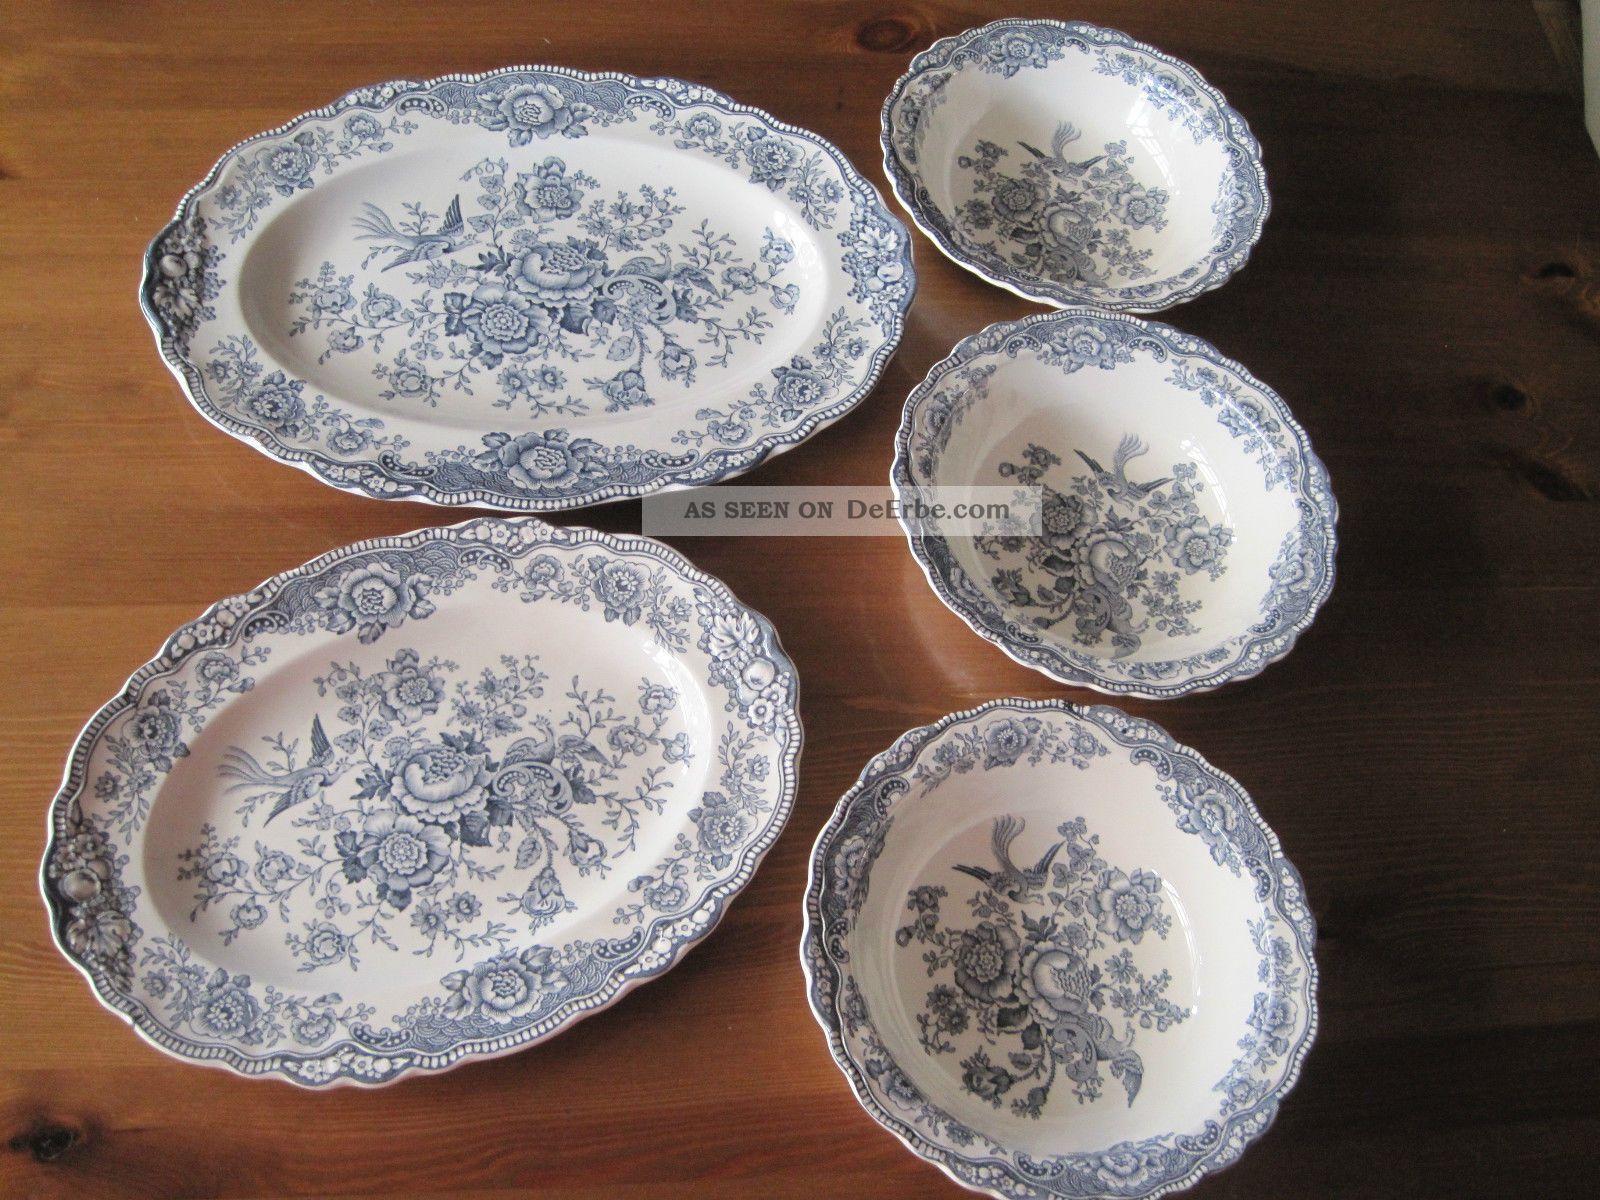 bristol crown ducal 3 schalen und 2 ovale platten. Black Bedroom Furniture Sets. Home Design Ideas